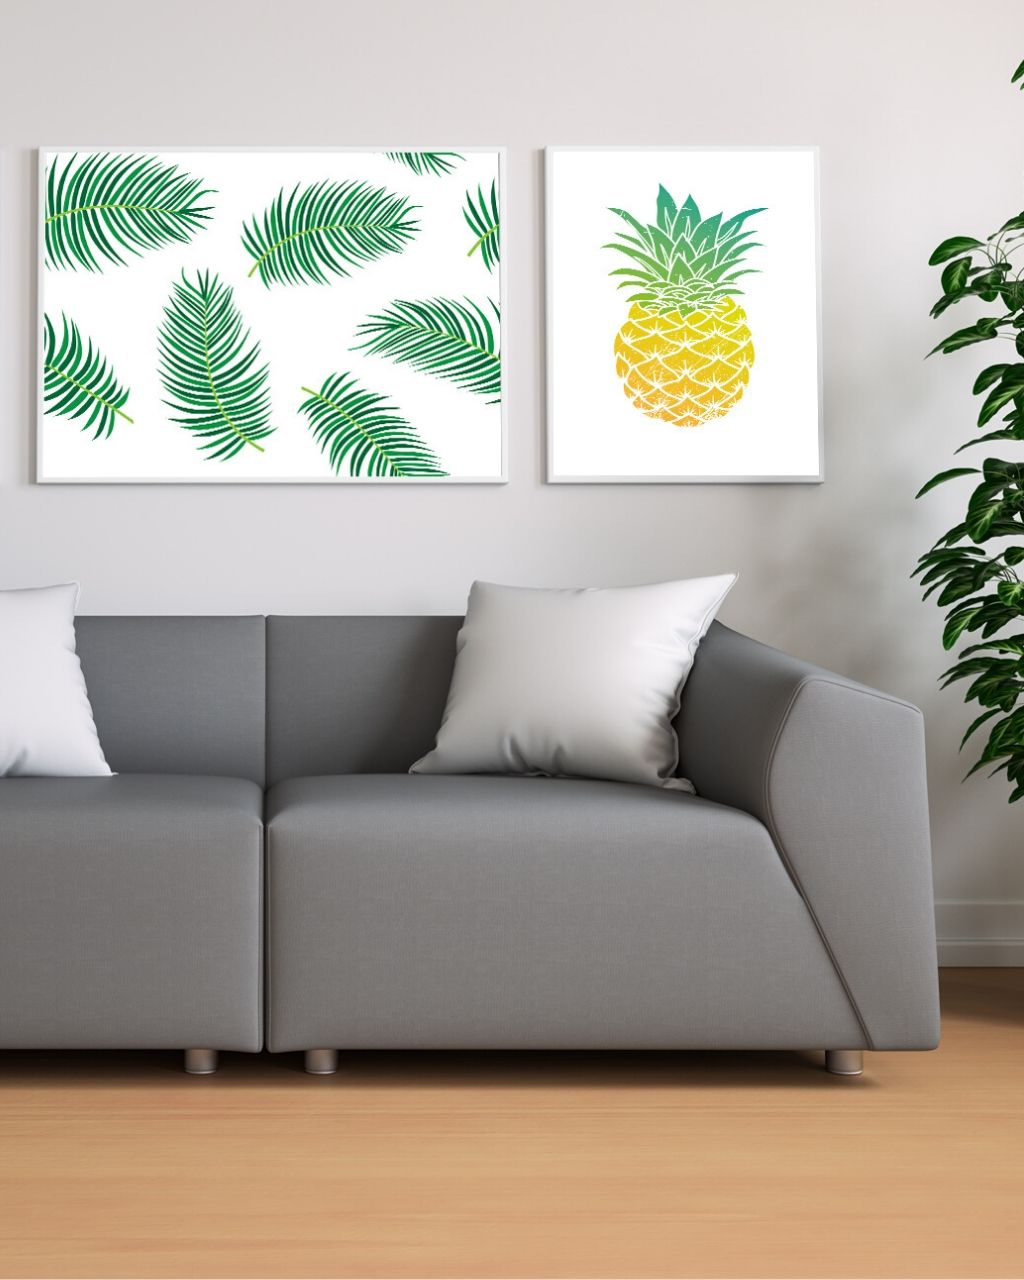 Dekoracje tropikalne – inspiracje wnętrz + plakaty do pobrania